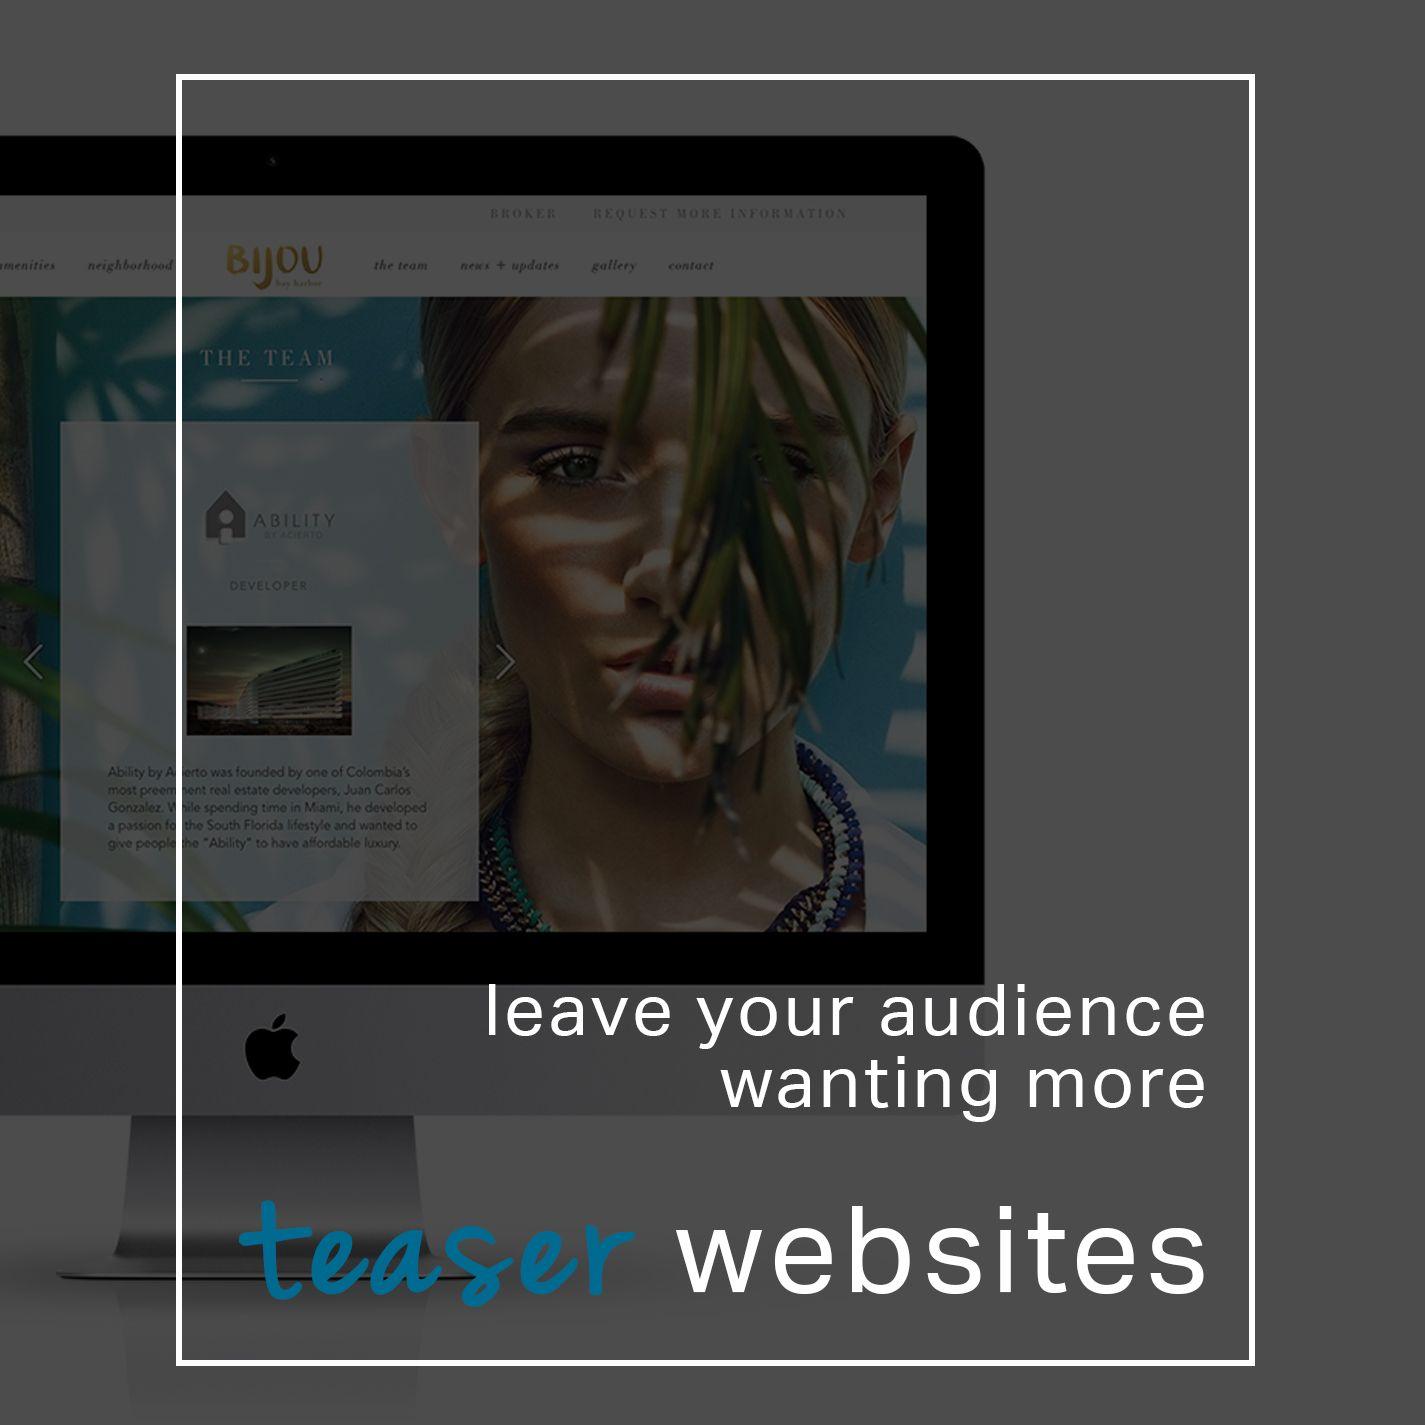 teaser_website_feature